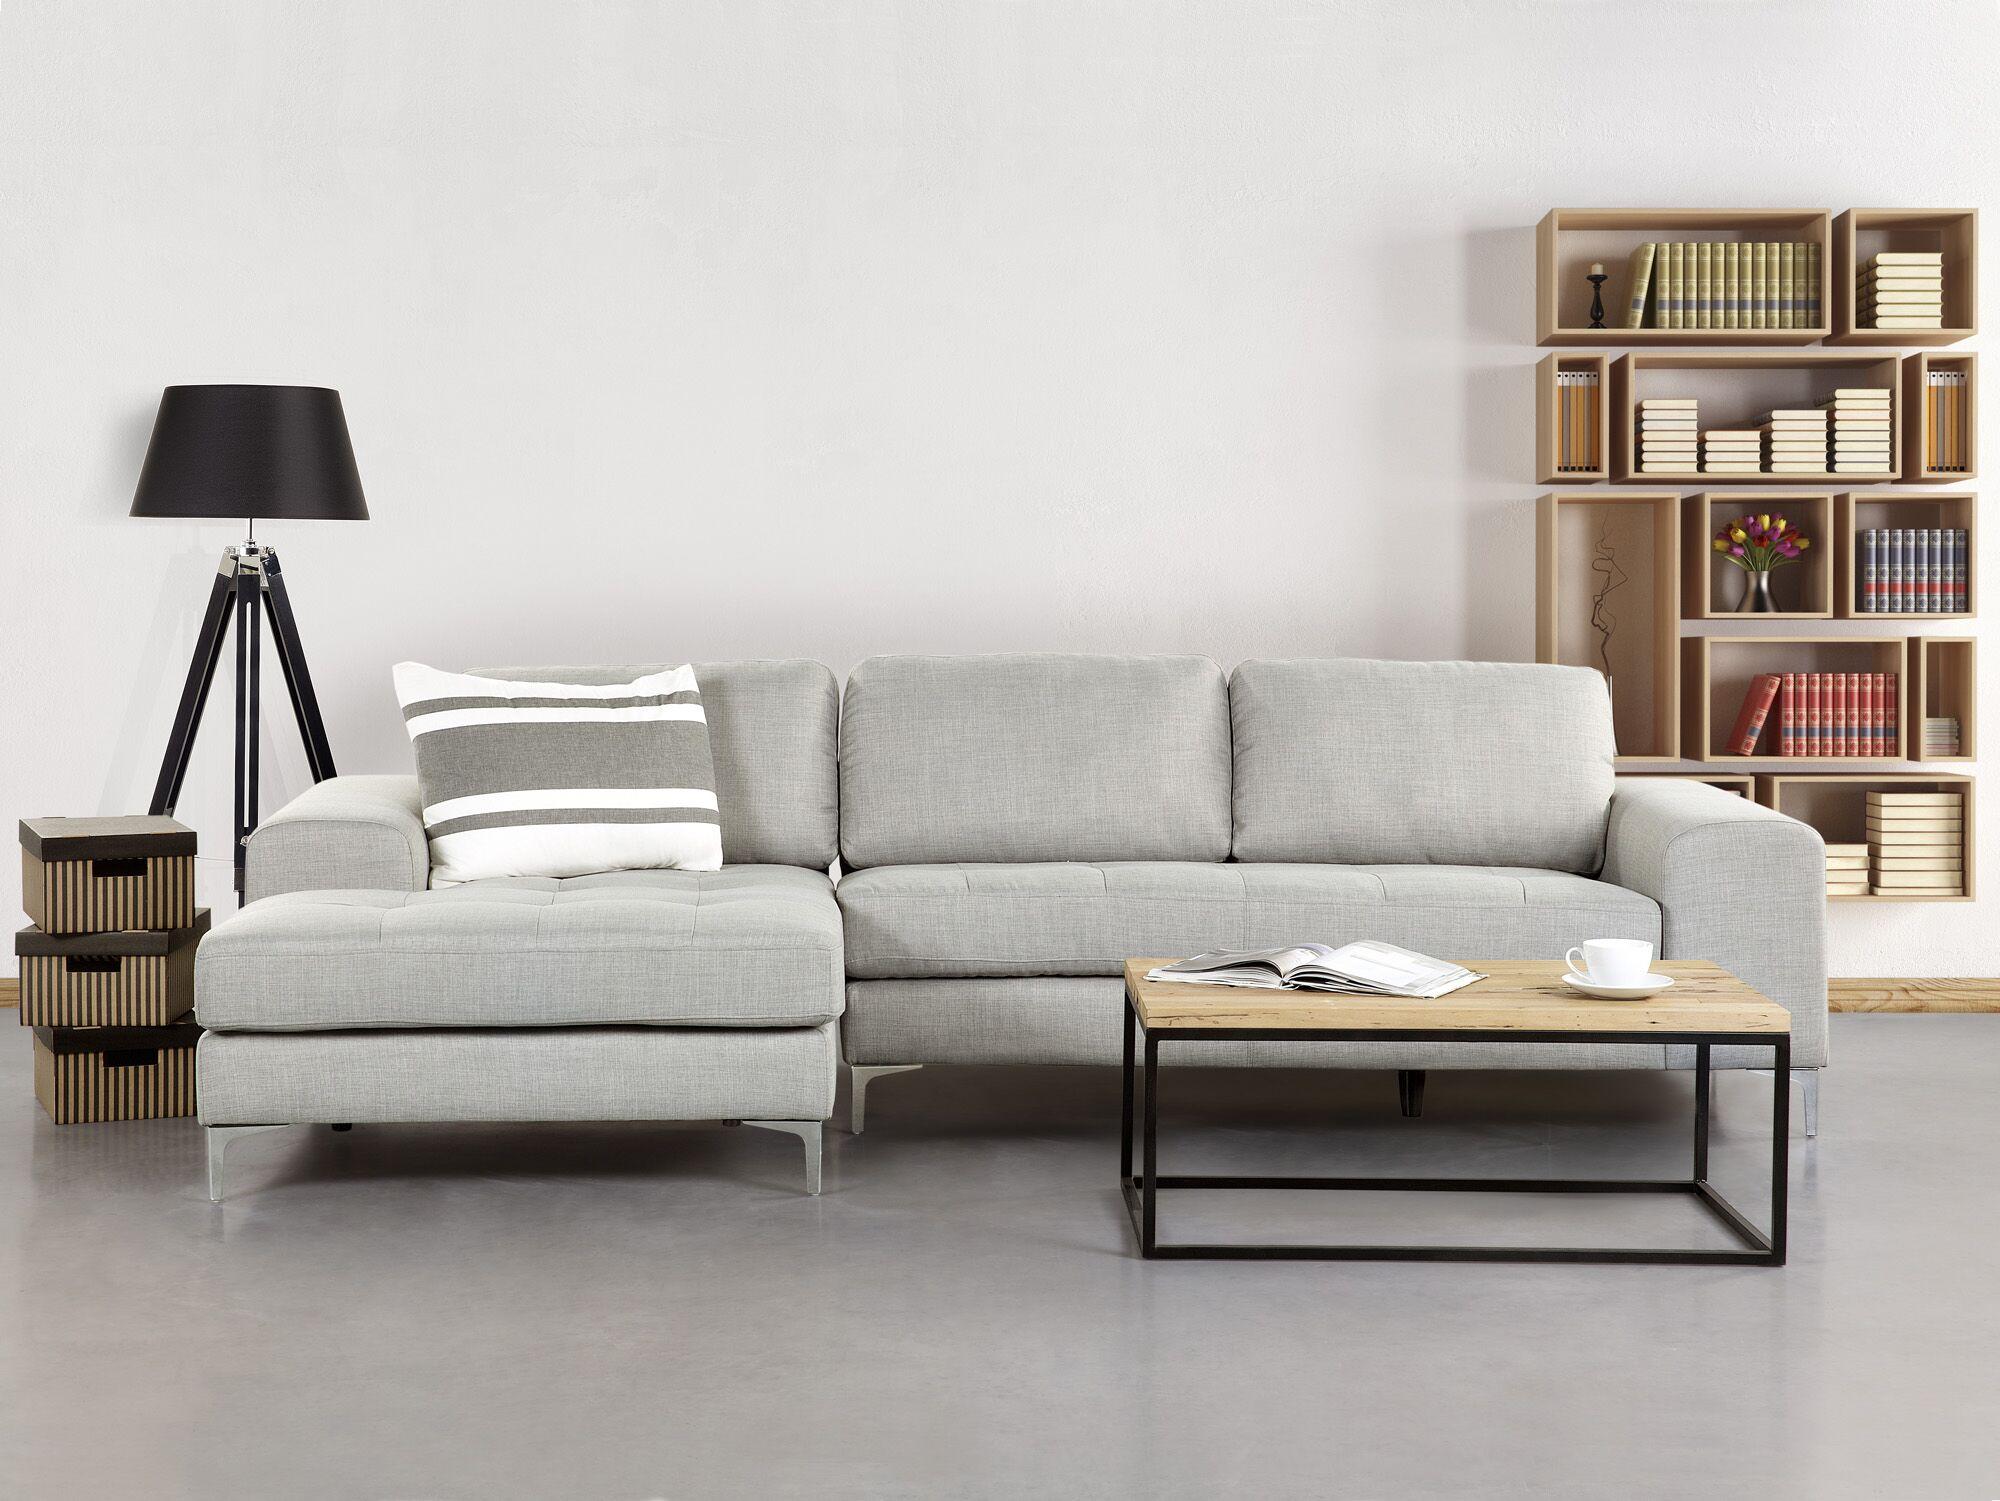 Canapé angle à droite en tissu gris clair 4 places